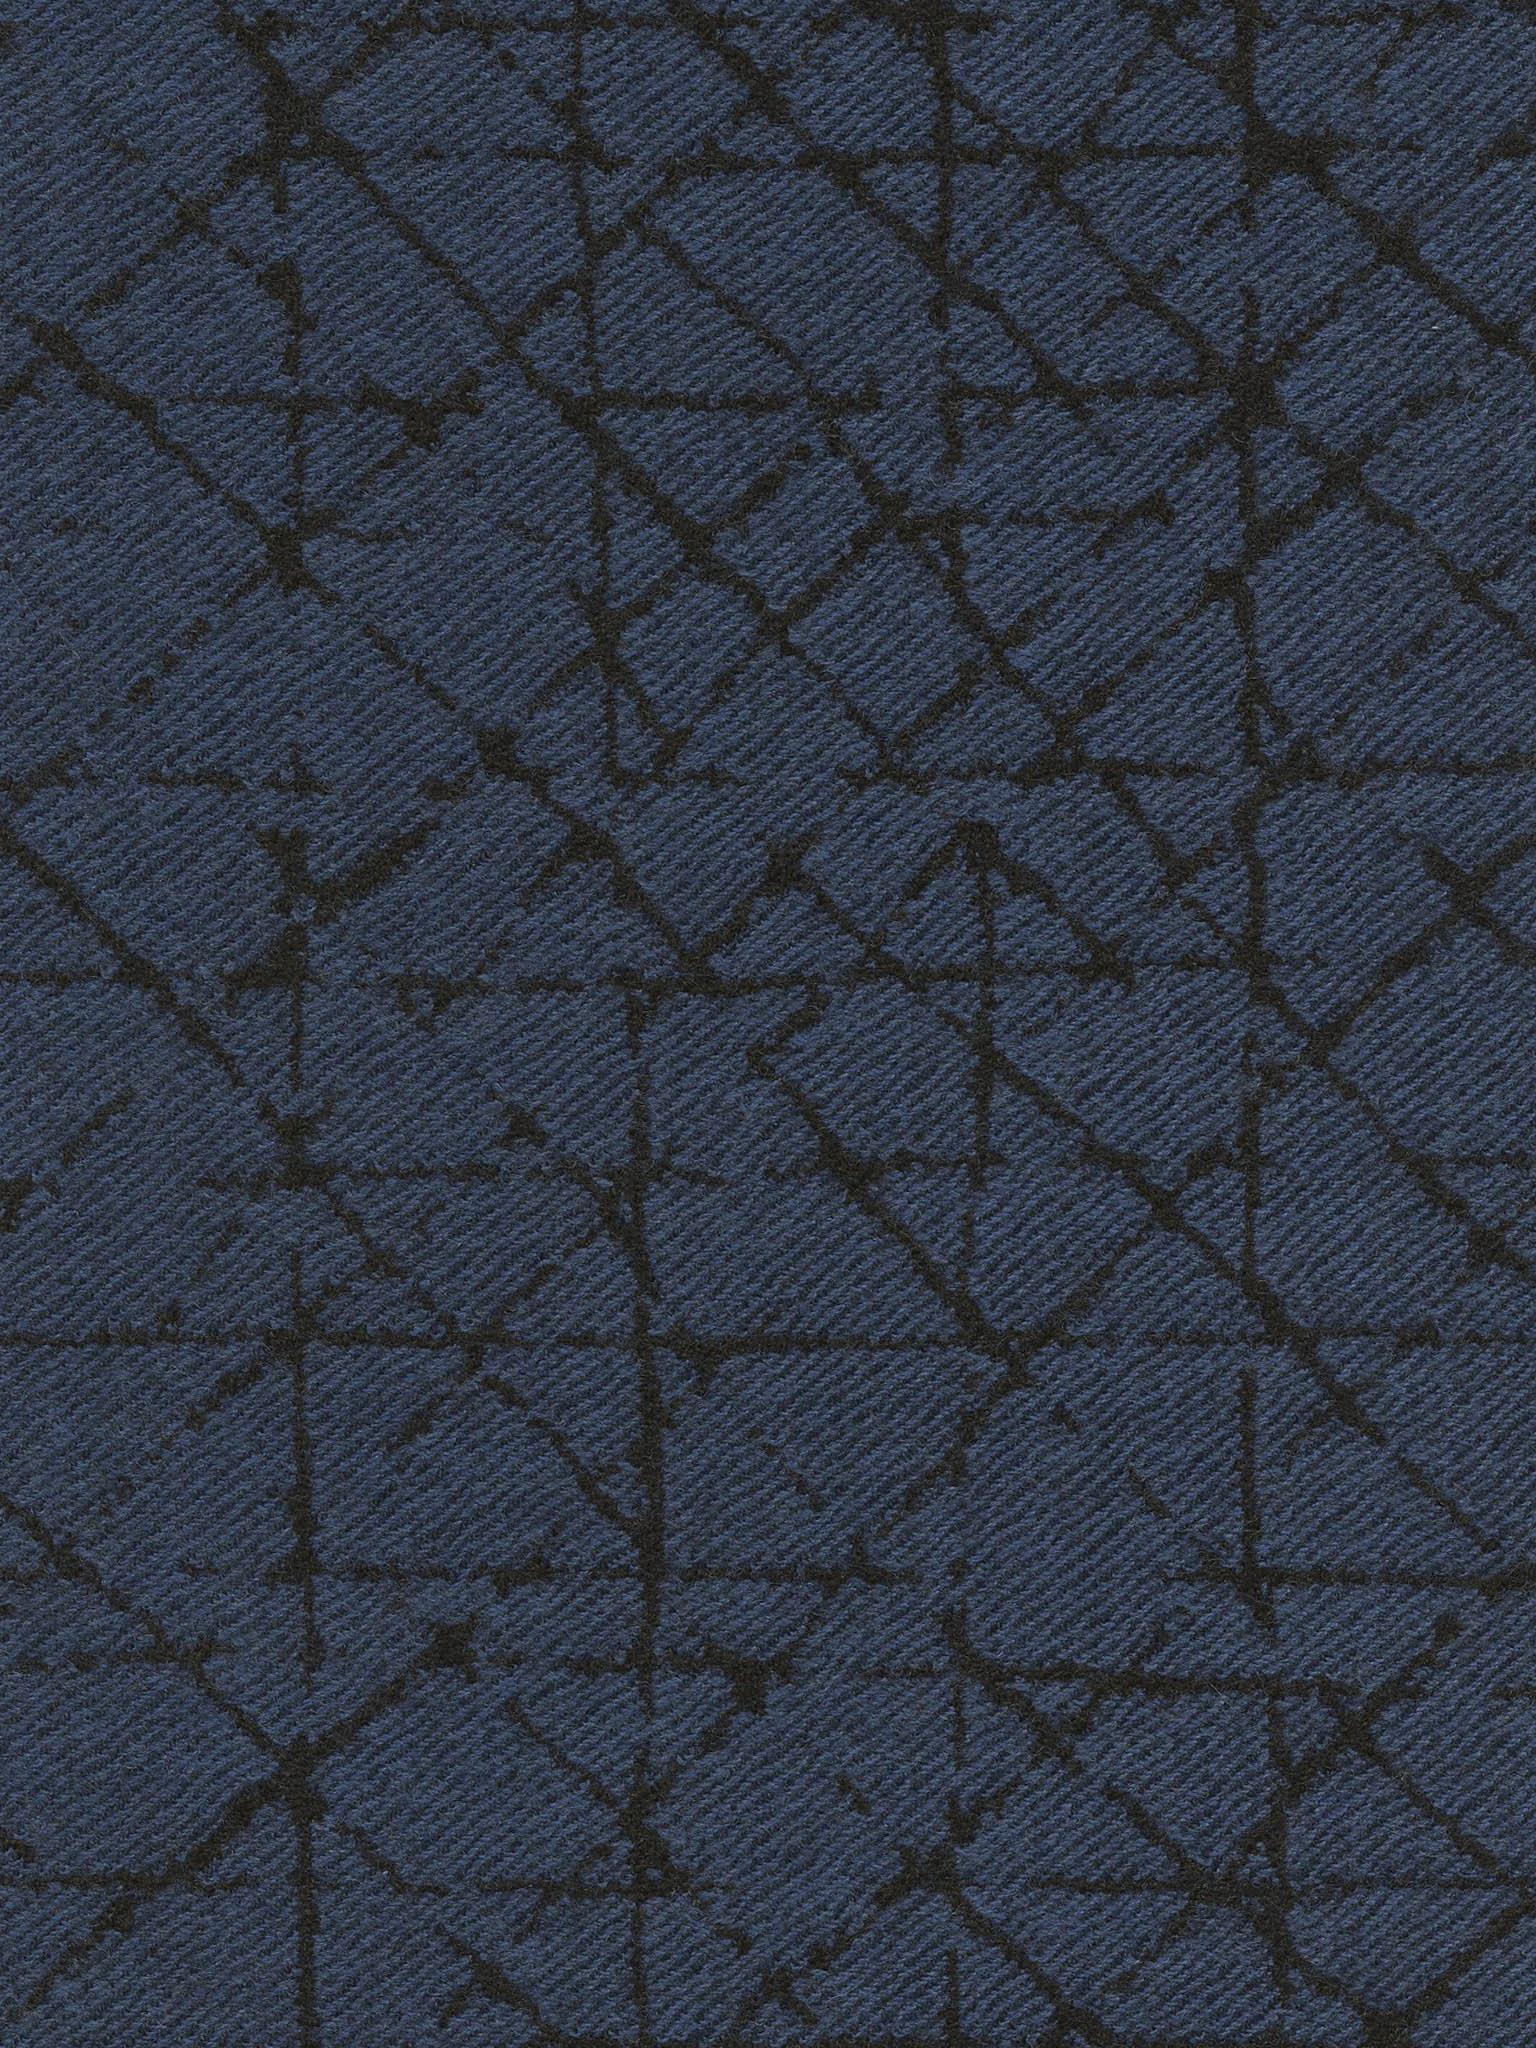 Facets DE13522